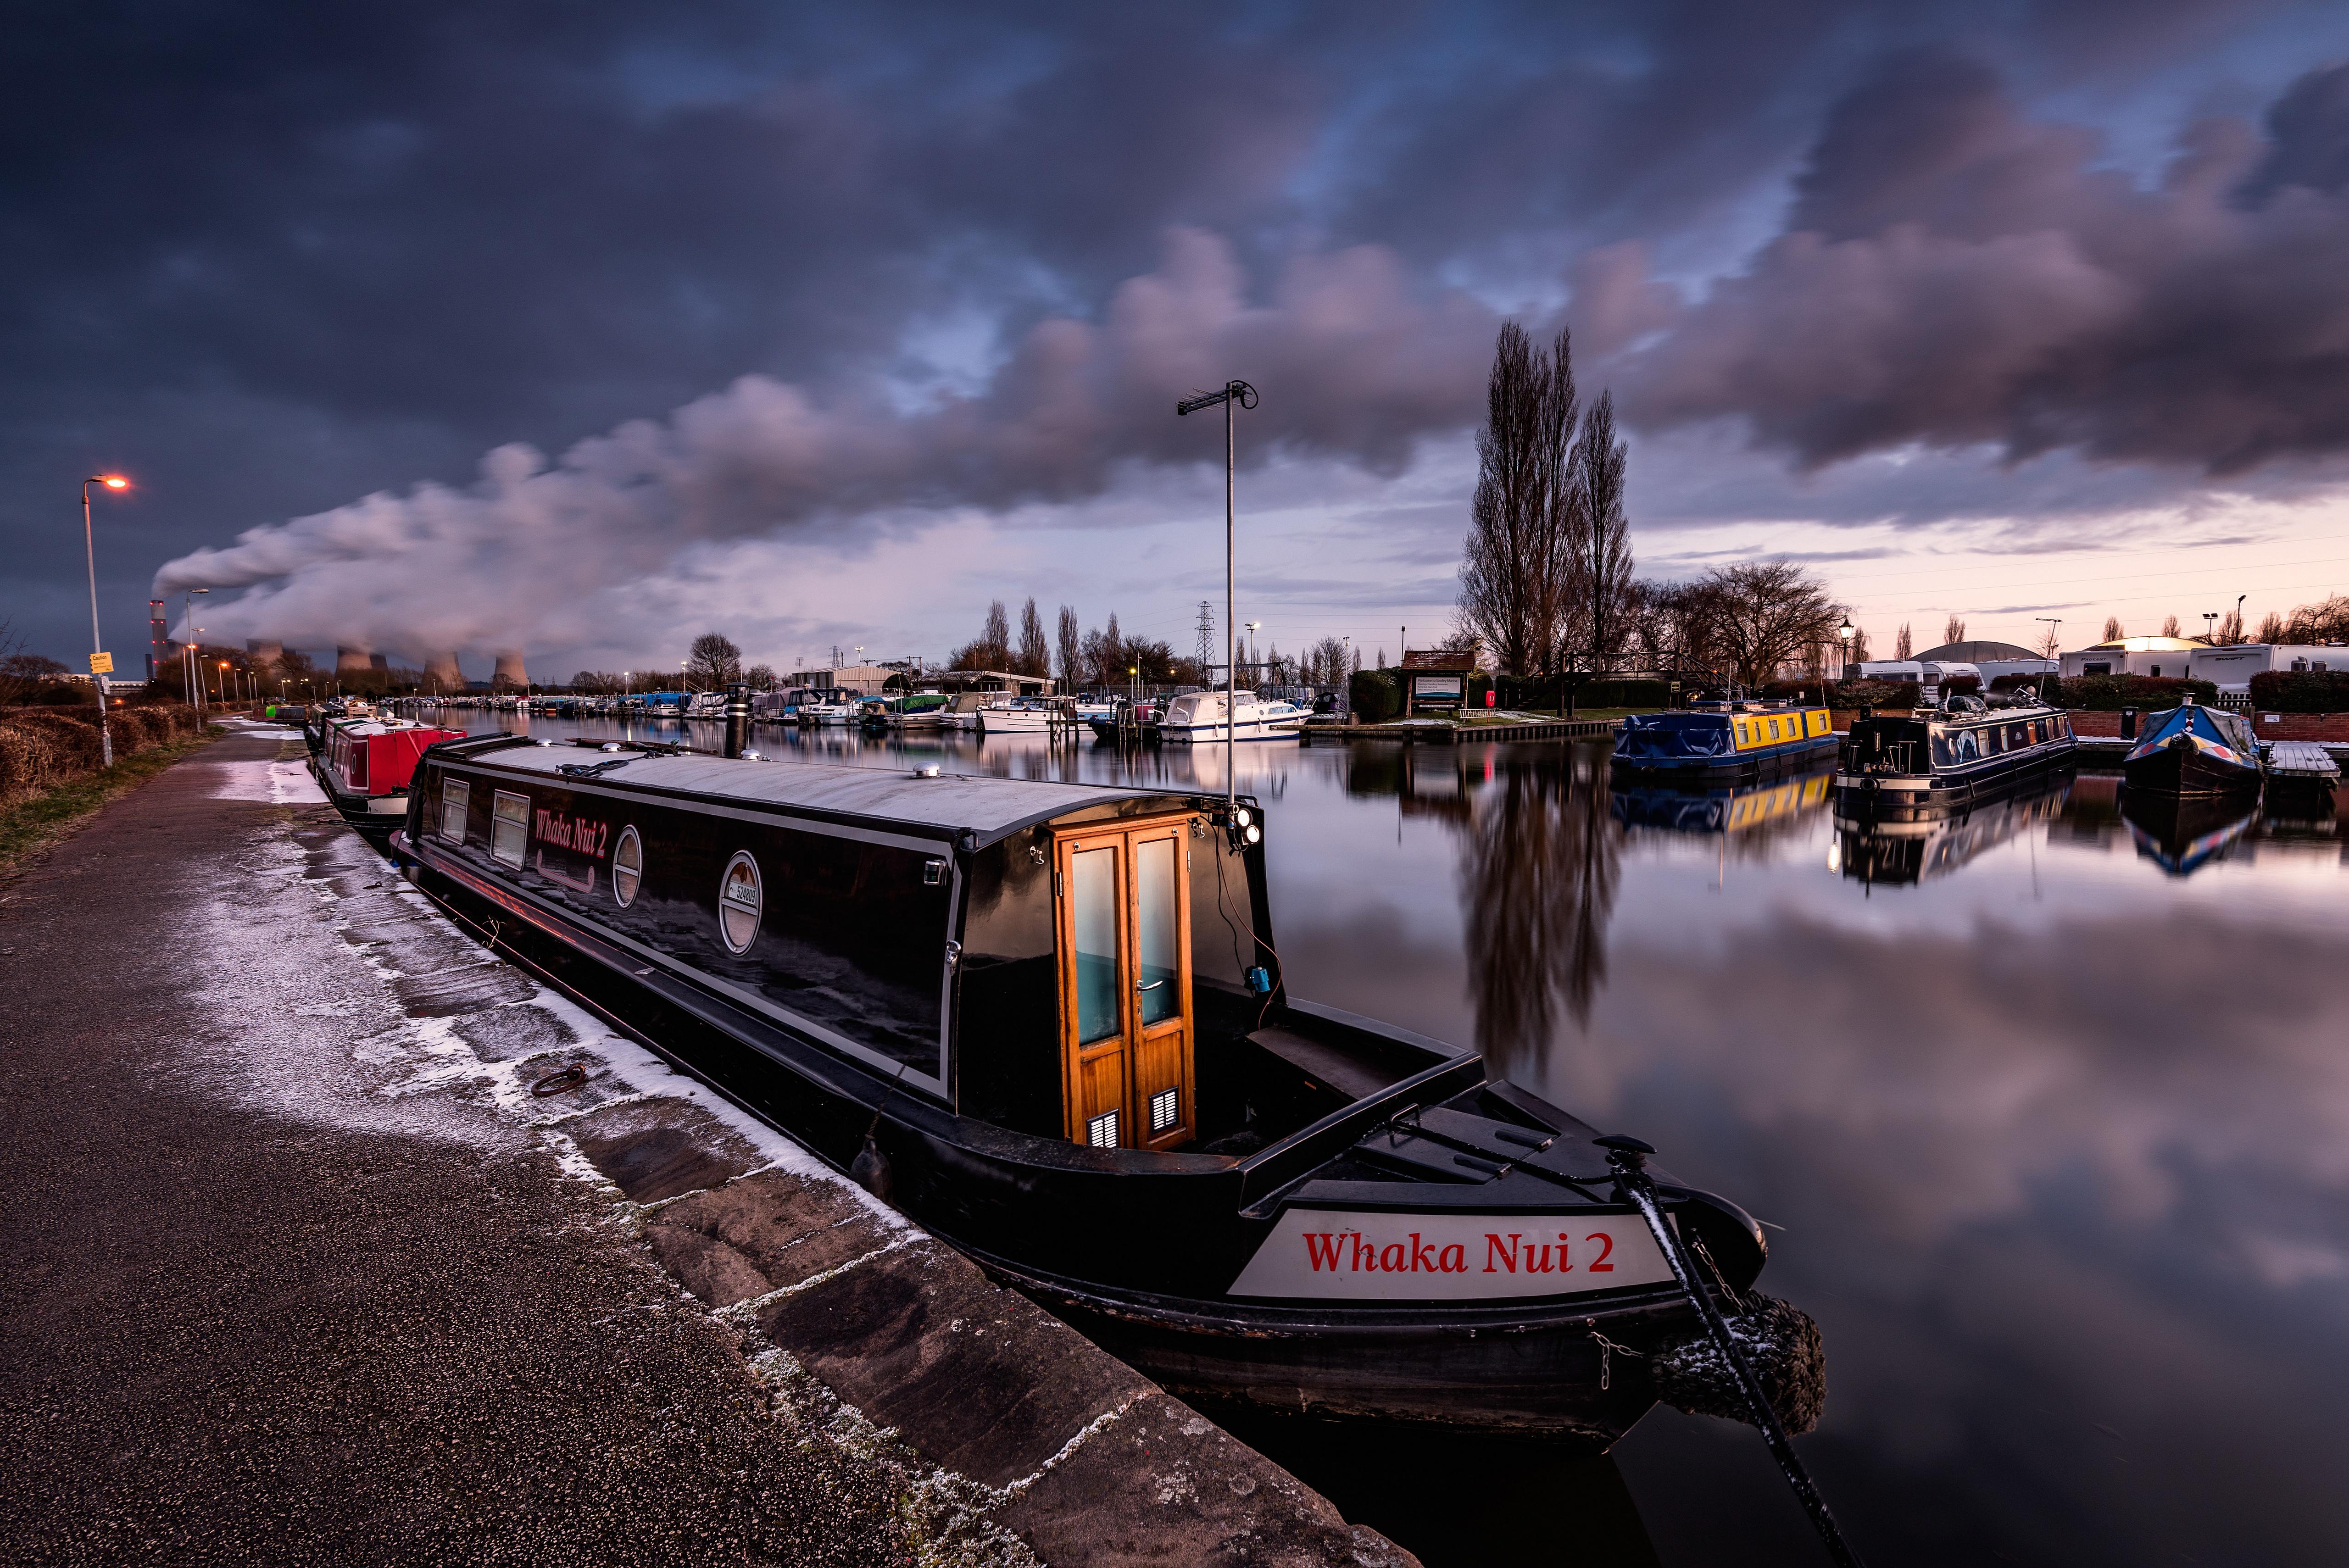 Foto Engeland Sawley Rivierschepen Rook rivier Waterfront een stad 5120x3418 Rivieren Steden